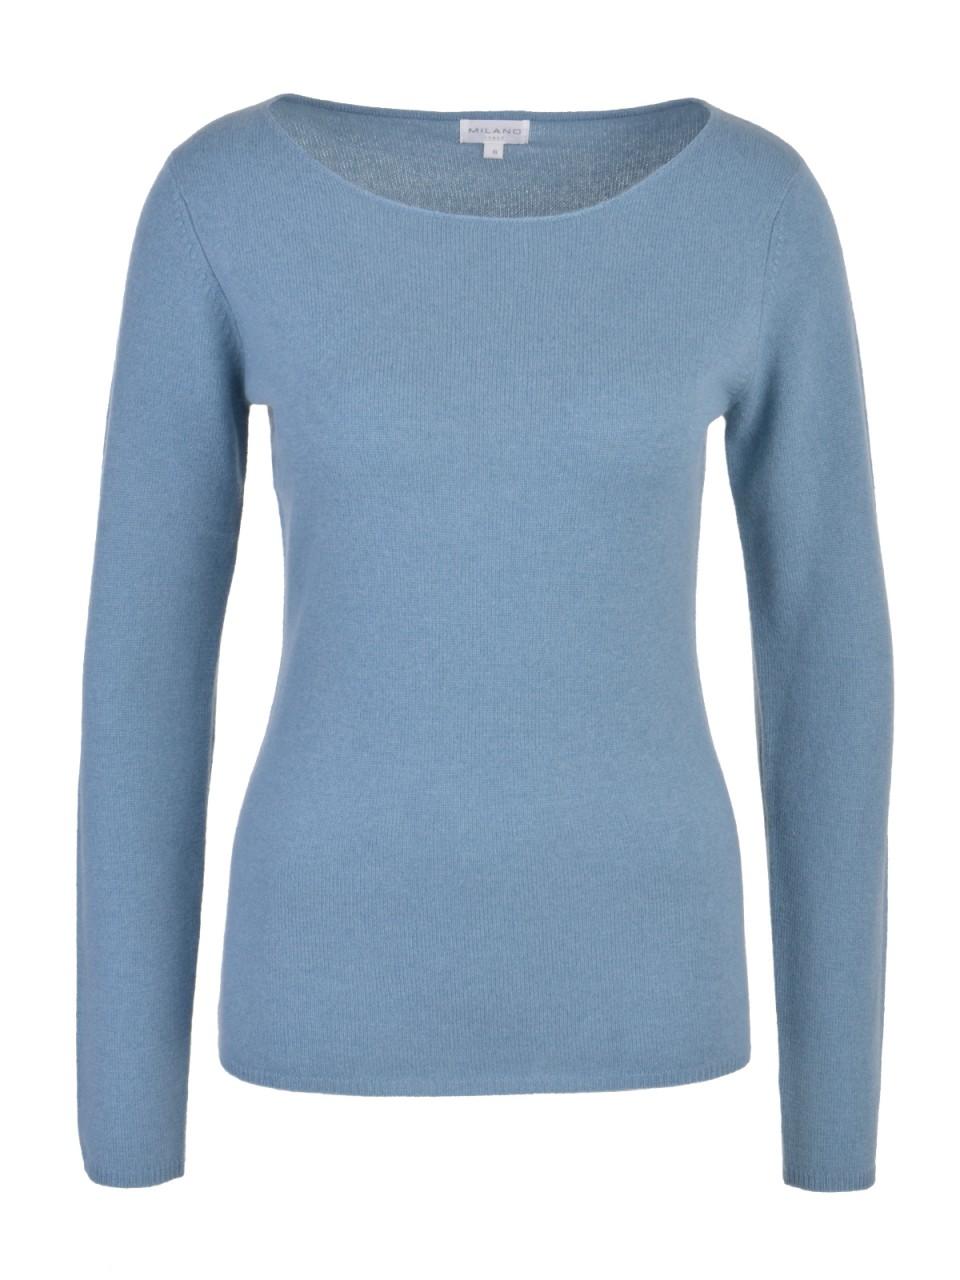 milano-italy-damen-kaschmir-pullover-grau-blau